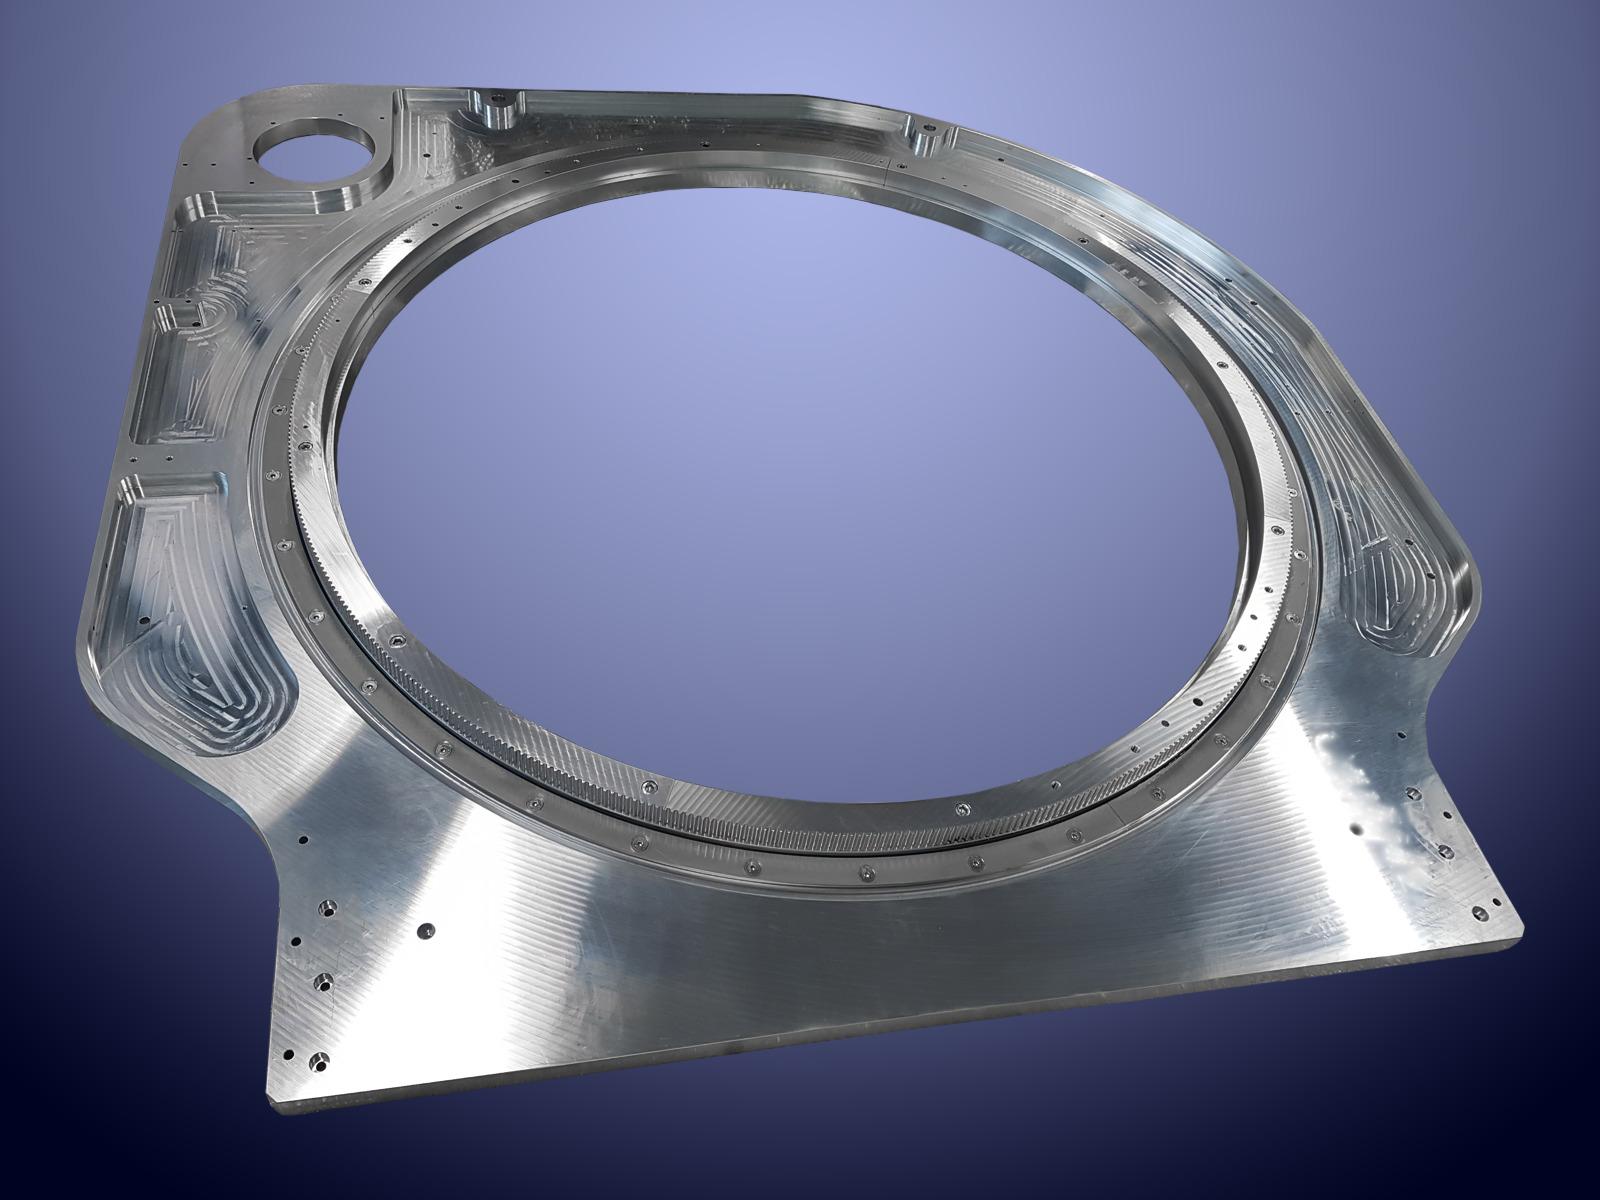 Cuscinetto in alluminio con foro interno da 1200 mm e dentatura per cinghia HTD 8M utilizzato per sistema di scansione su macchina TAC